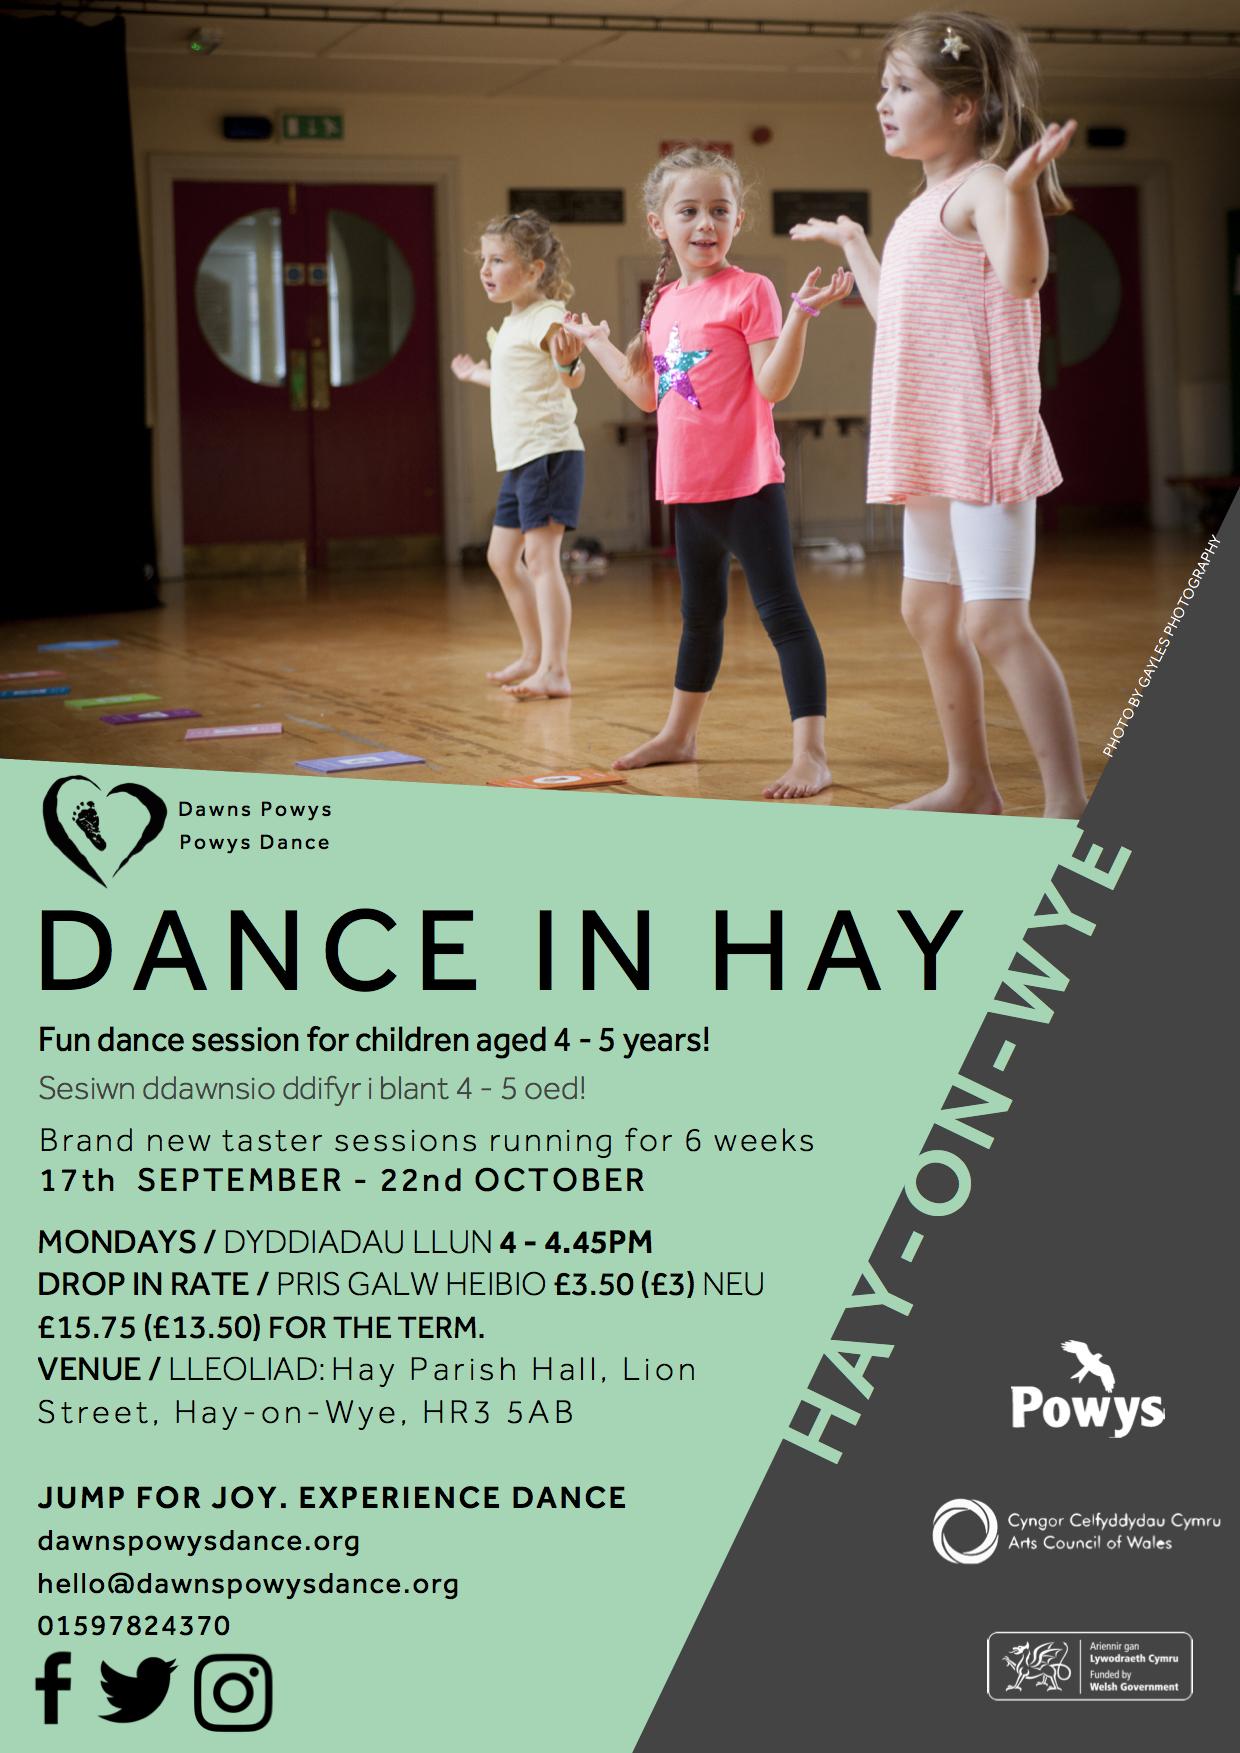 Dance in Hay 2018 4 - 5 YEARS.jpg